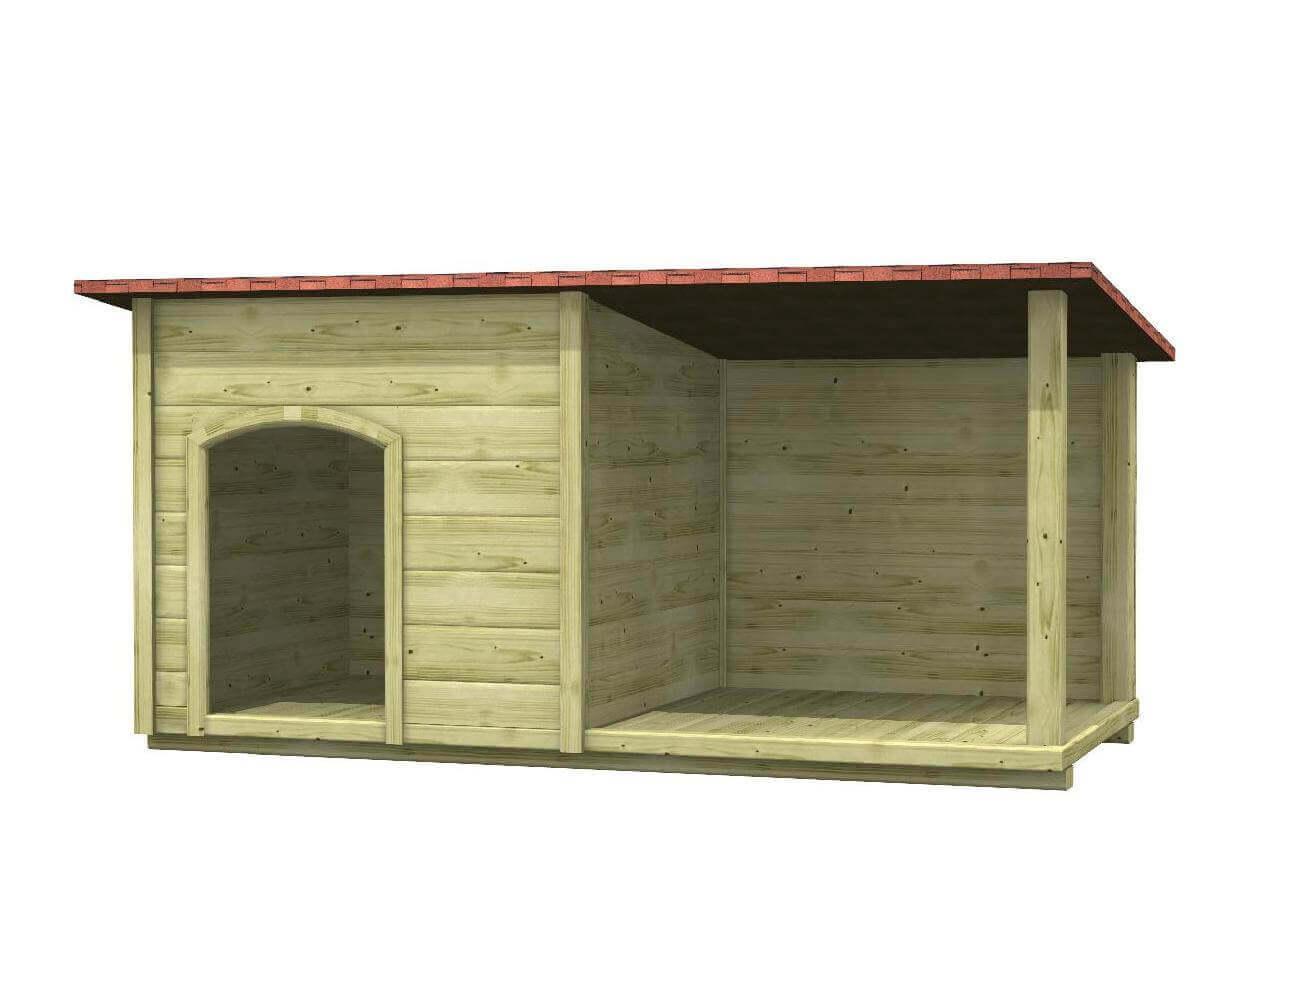 Cuccia in legno per cani da esterno colan for Costruire cuccia per cani da esterno